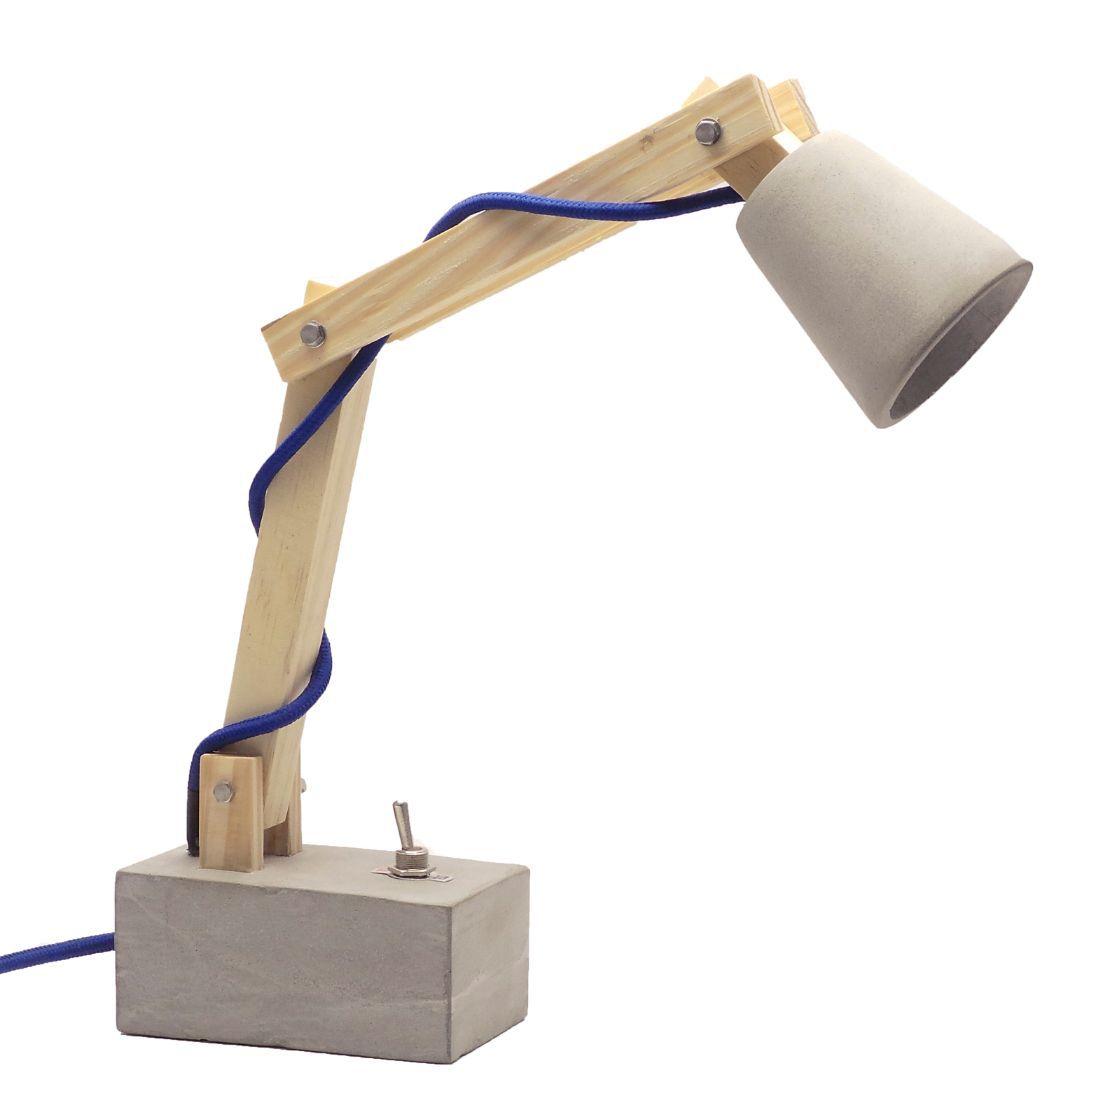 Luminária de Mesa Abajur Pix, Articulada, LED, Cabo de Tecido e Botão  - ZOLT luminárias